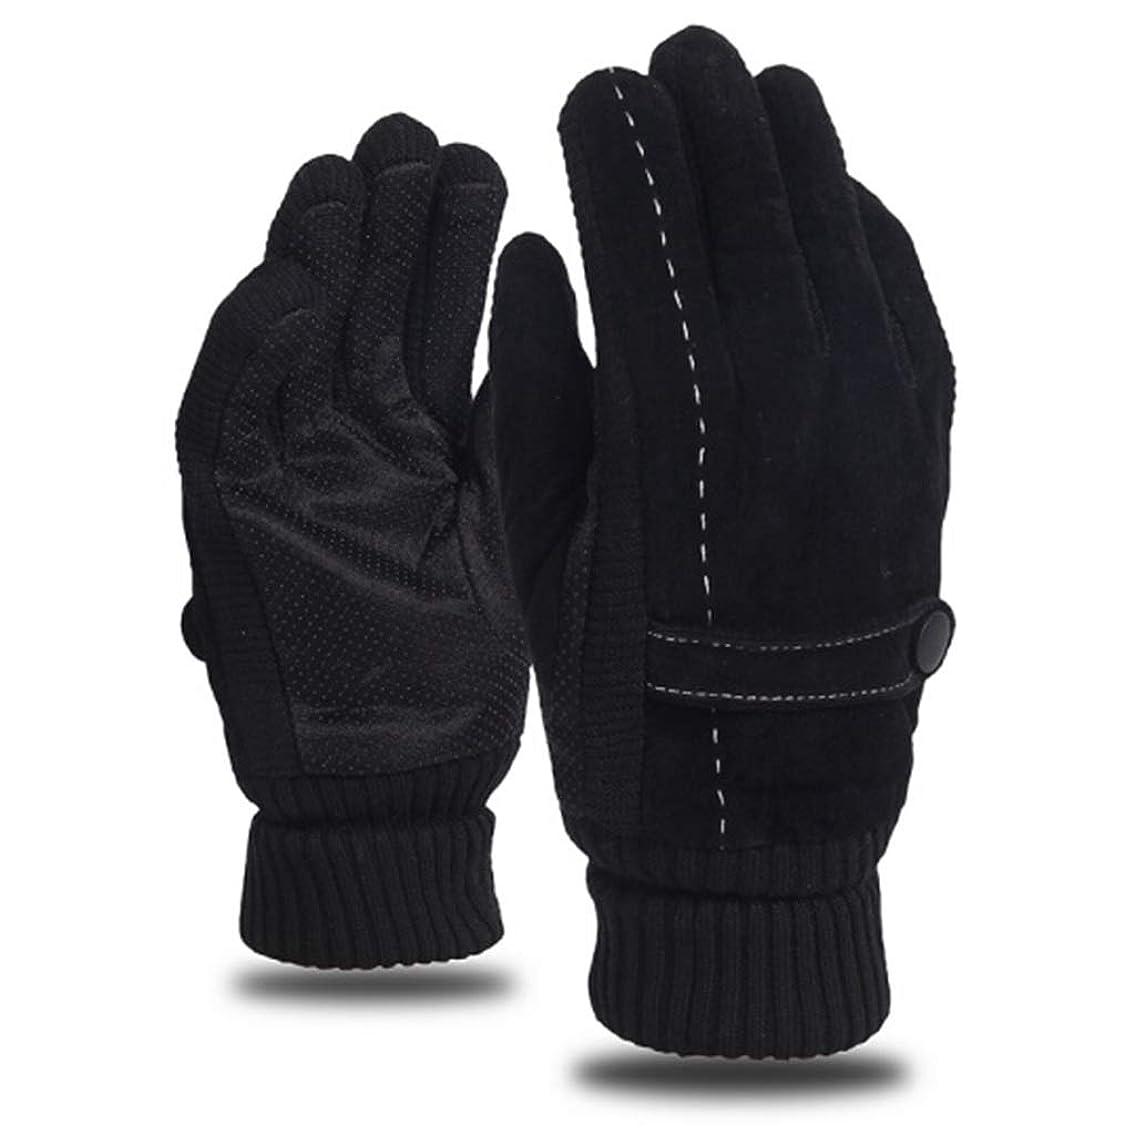 批判解任社交的レザーグローブメンズウィンライディングプラスベルベット厚手暖かいドライビングアウトドアオートバイ防風コールドノンスリップメンズコットン手袋 (色 : 黒)